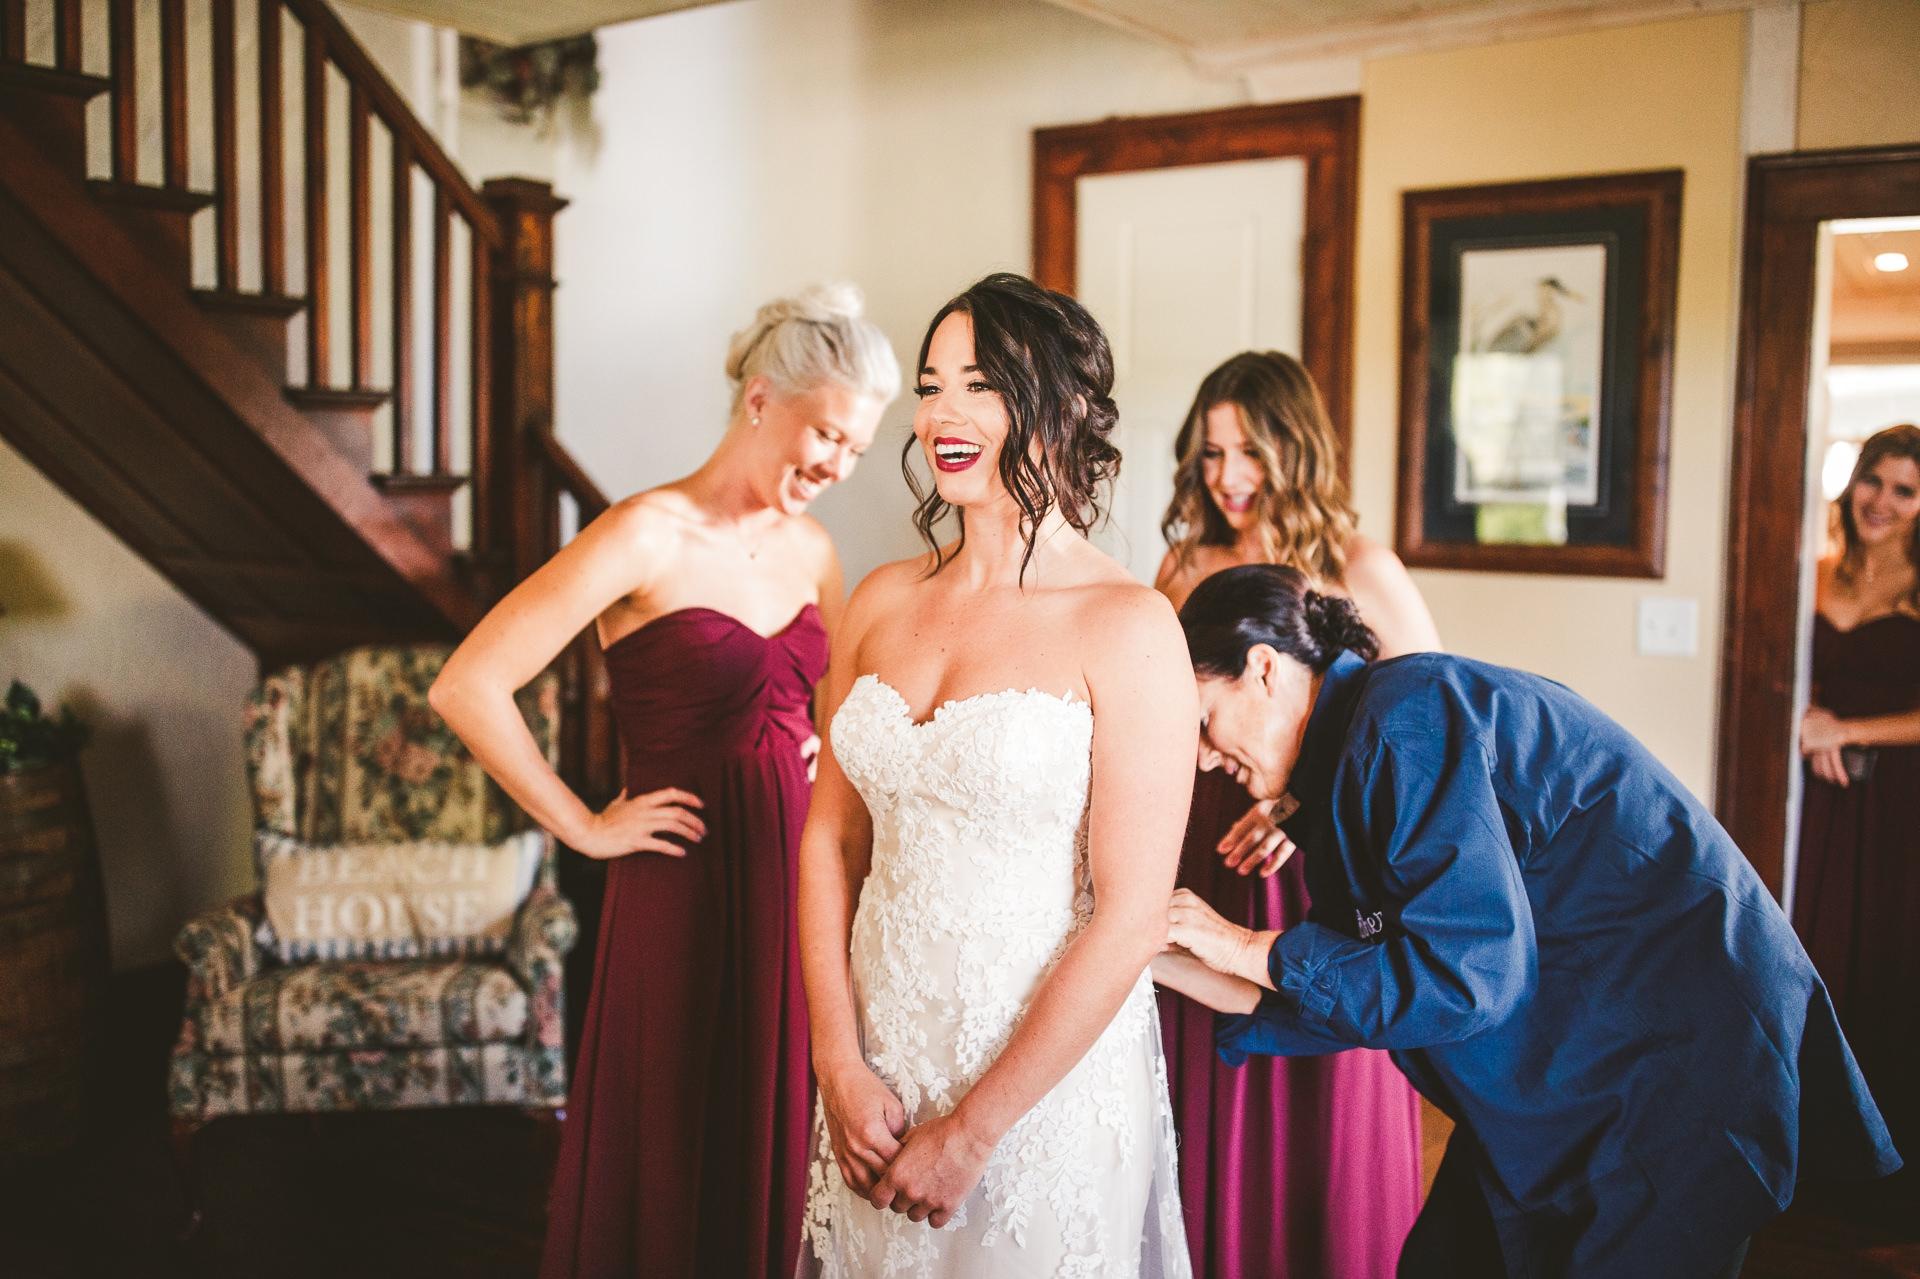 Catawba Island Club Wedding Photographer in Port Clinton 14.jpg